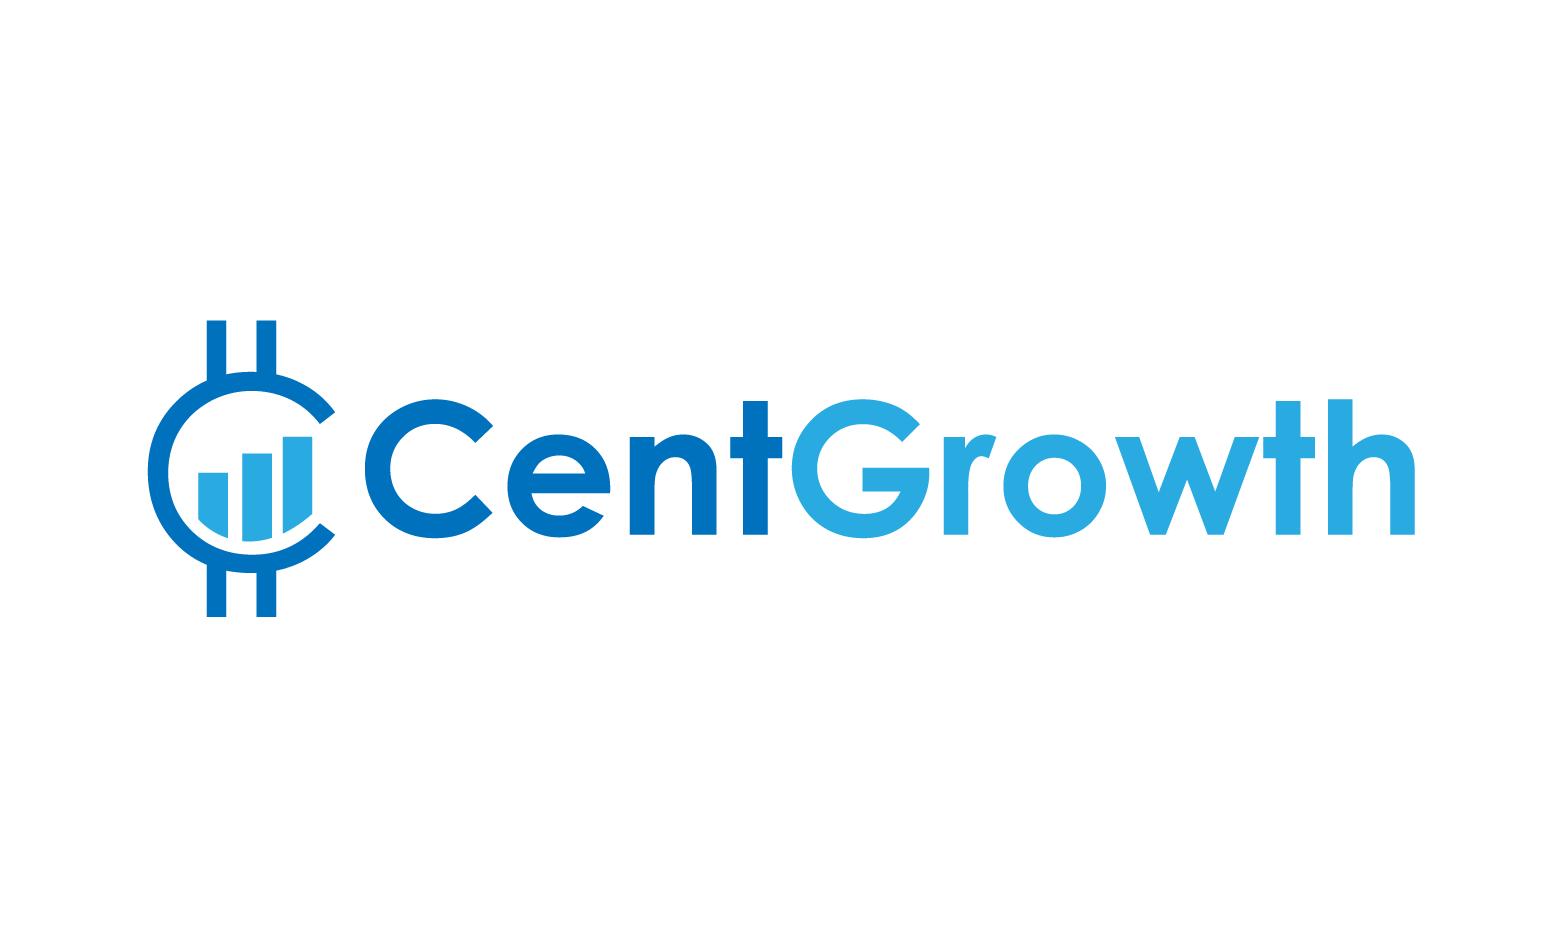 CentGrowth.com